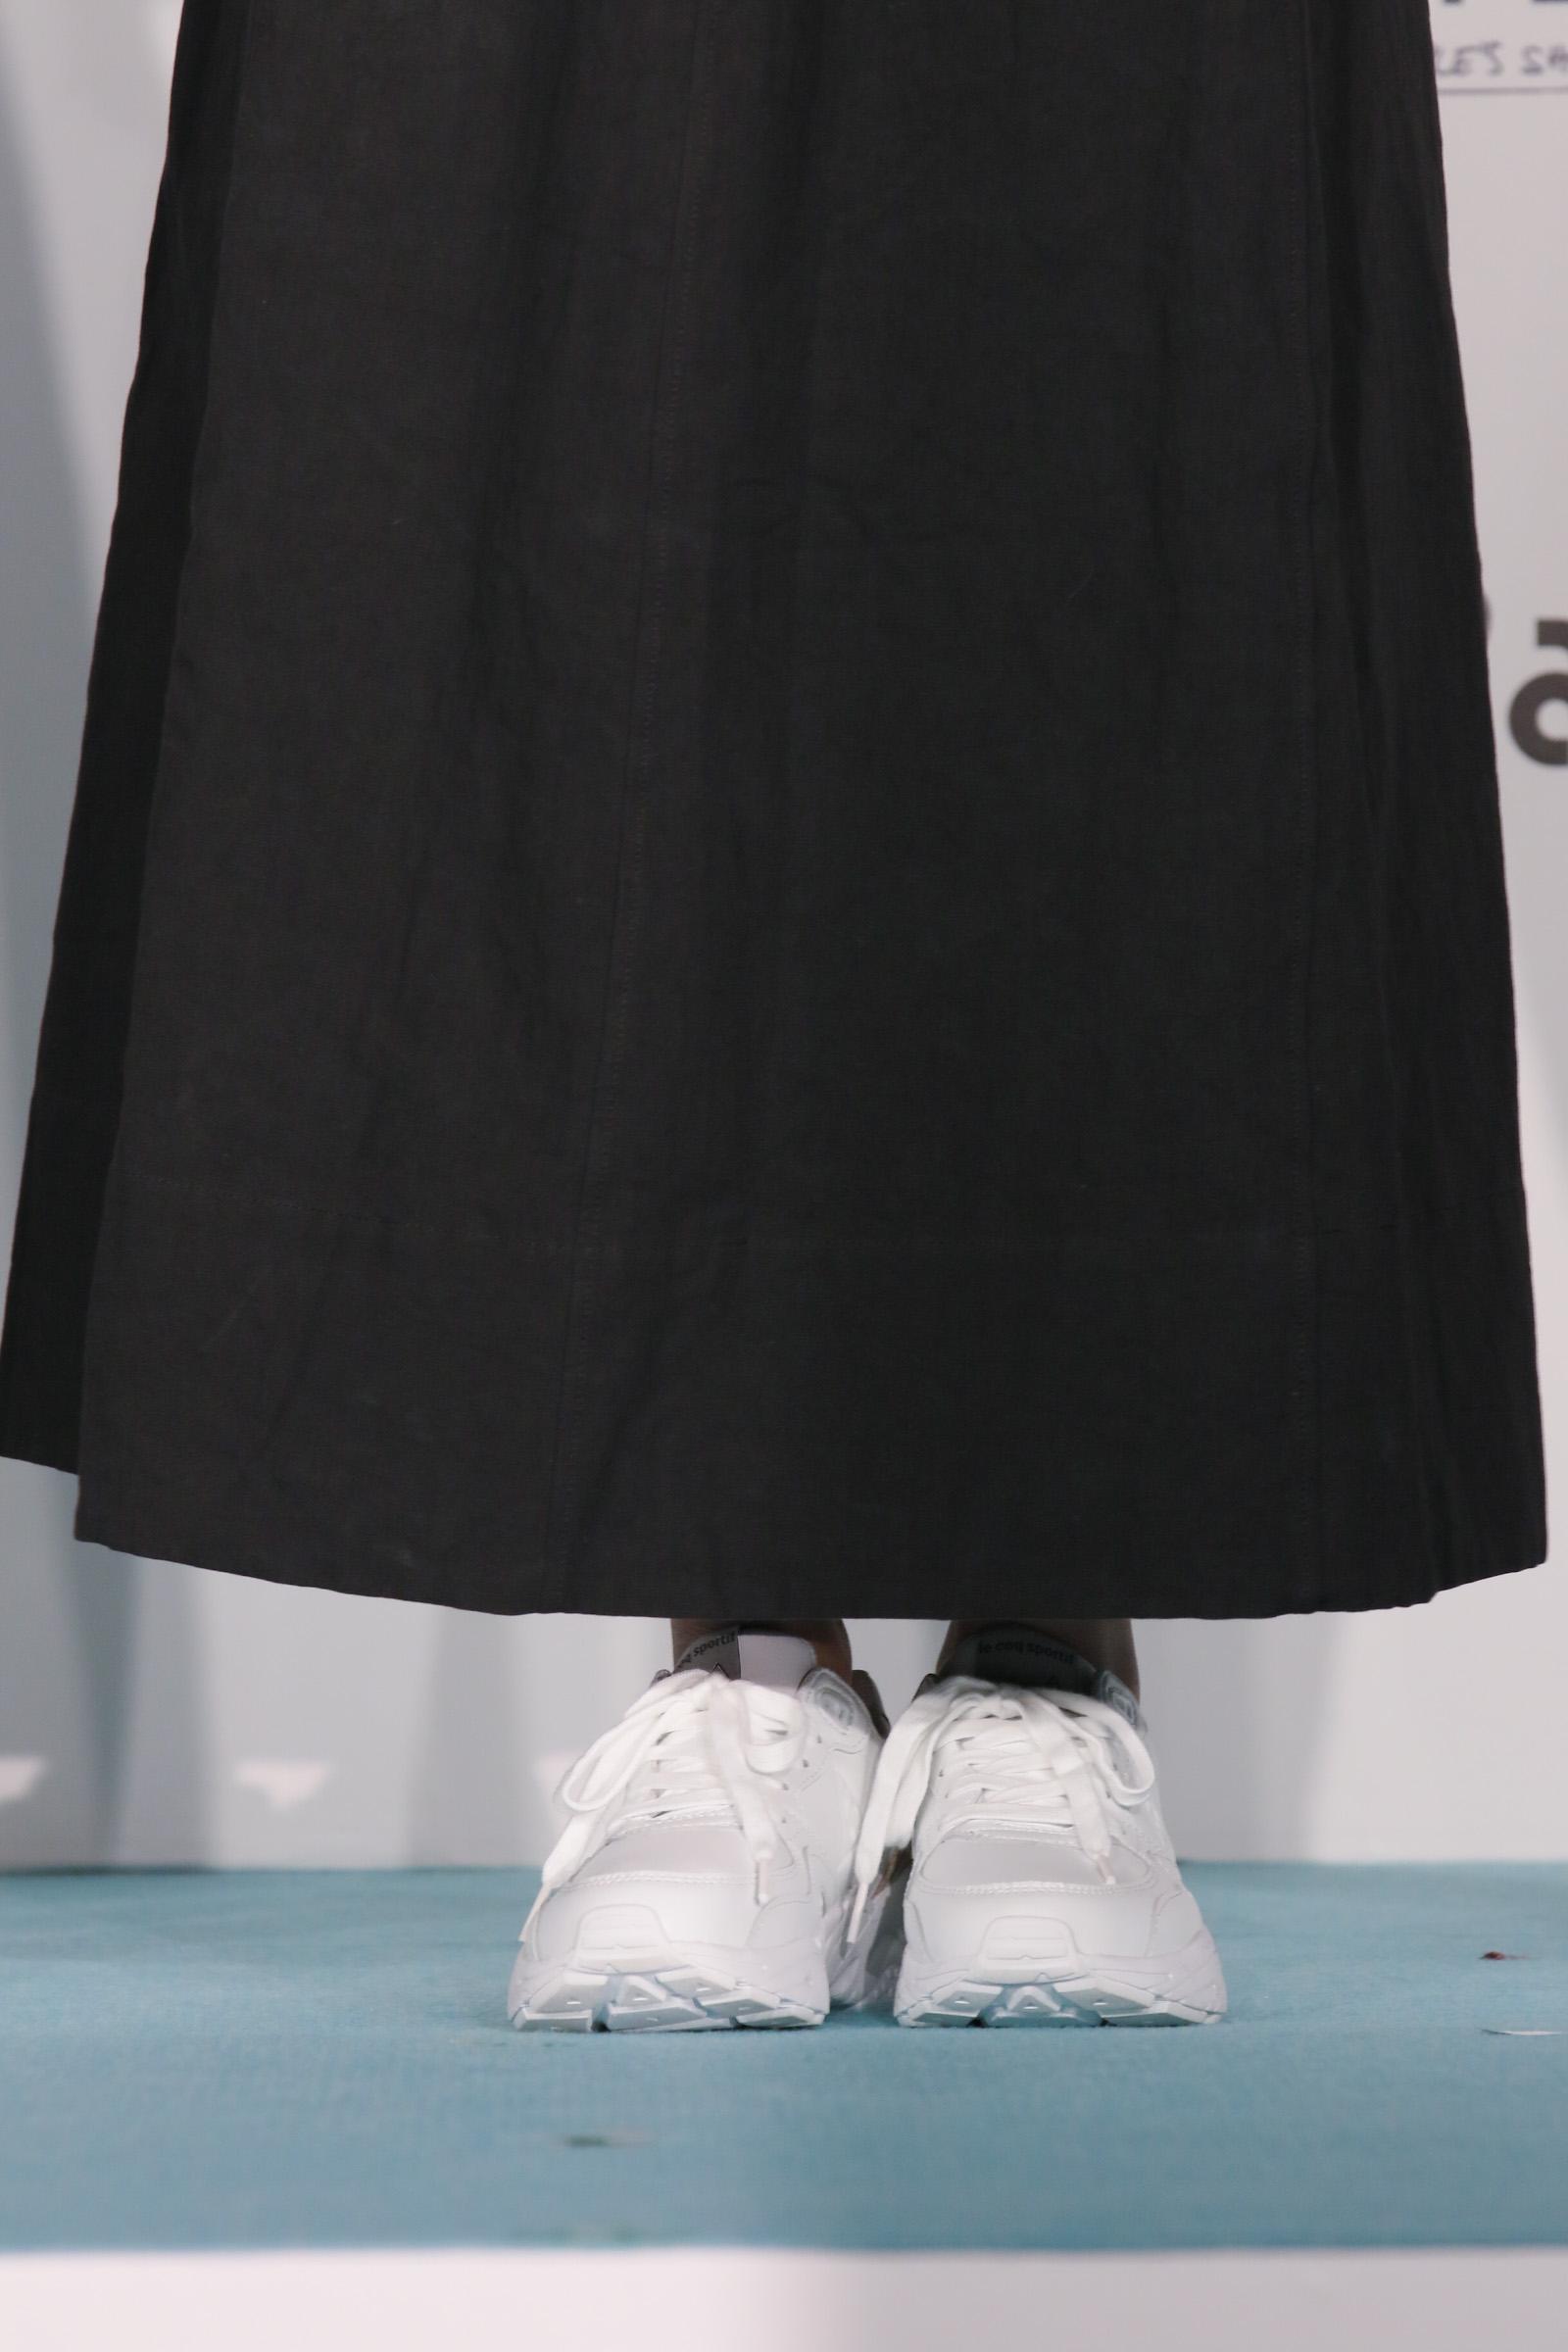 池田エライザ/スニーカーベストドレッサー賞2020」授賞式にて(2020年2月20日、東京都内・ホテル椿山荘東京)